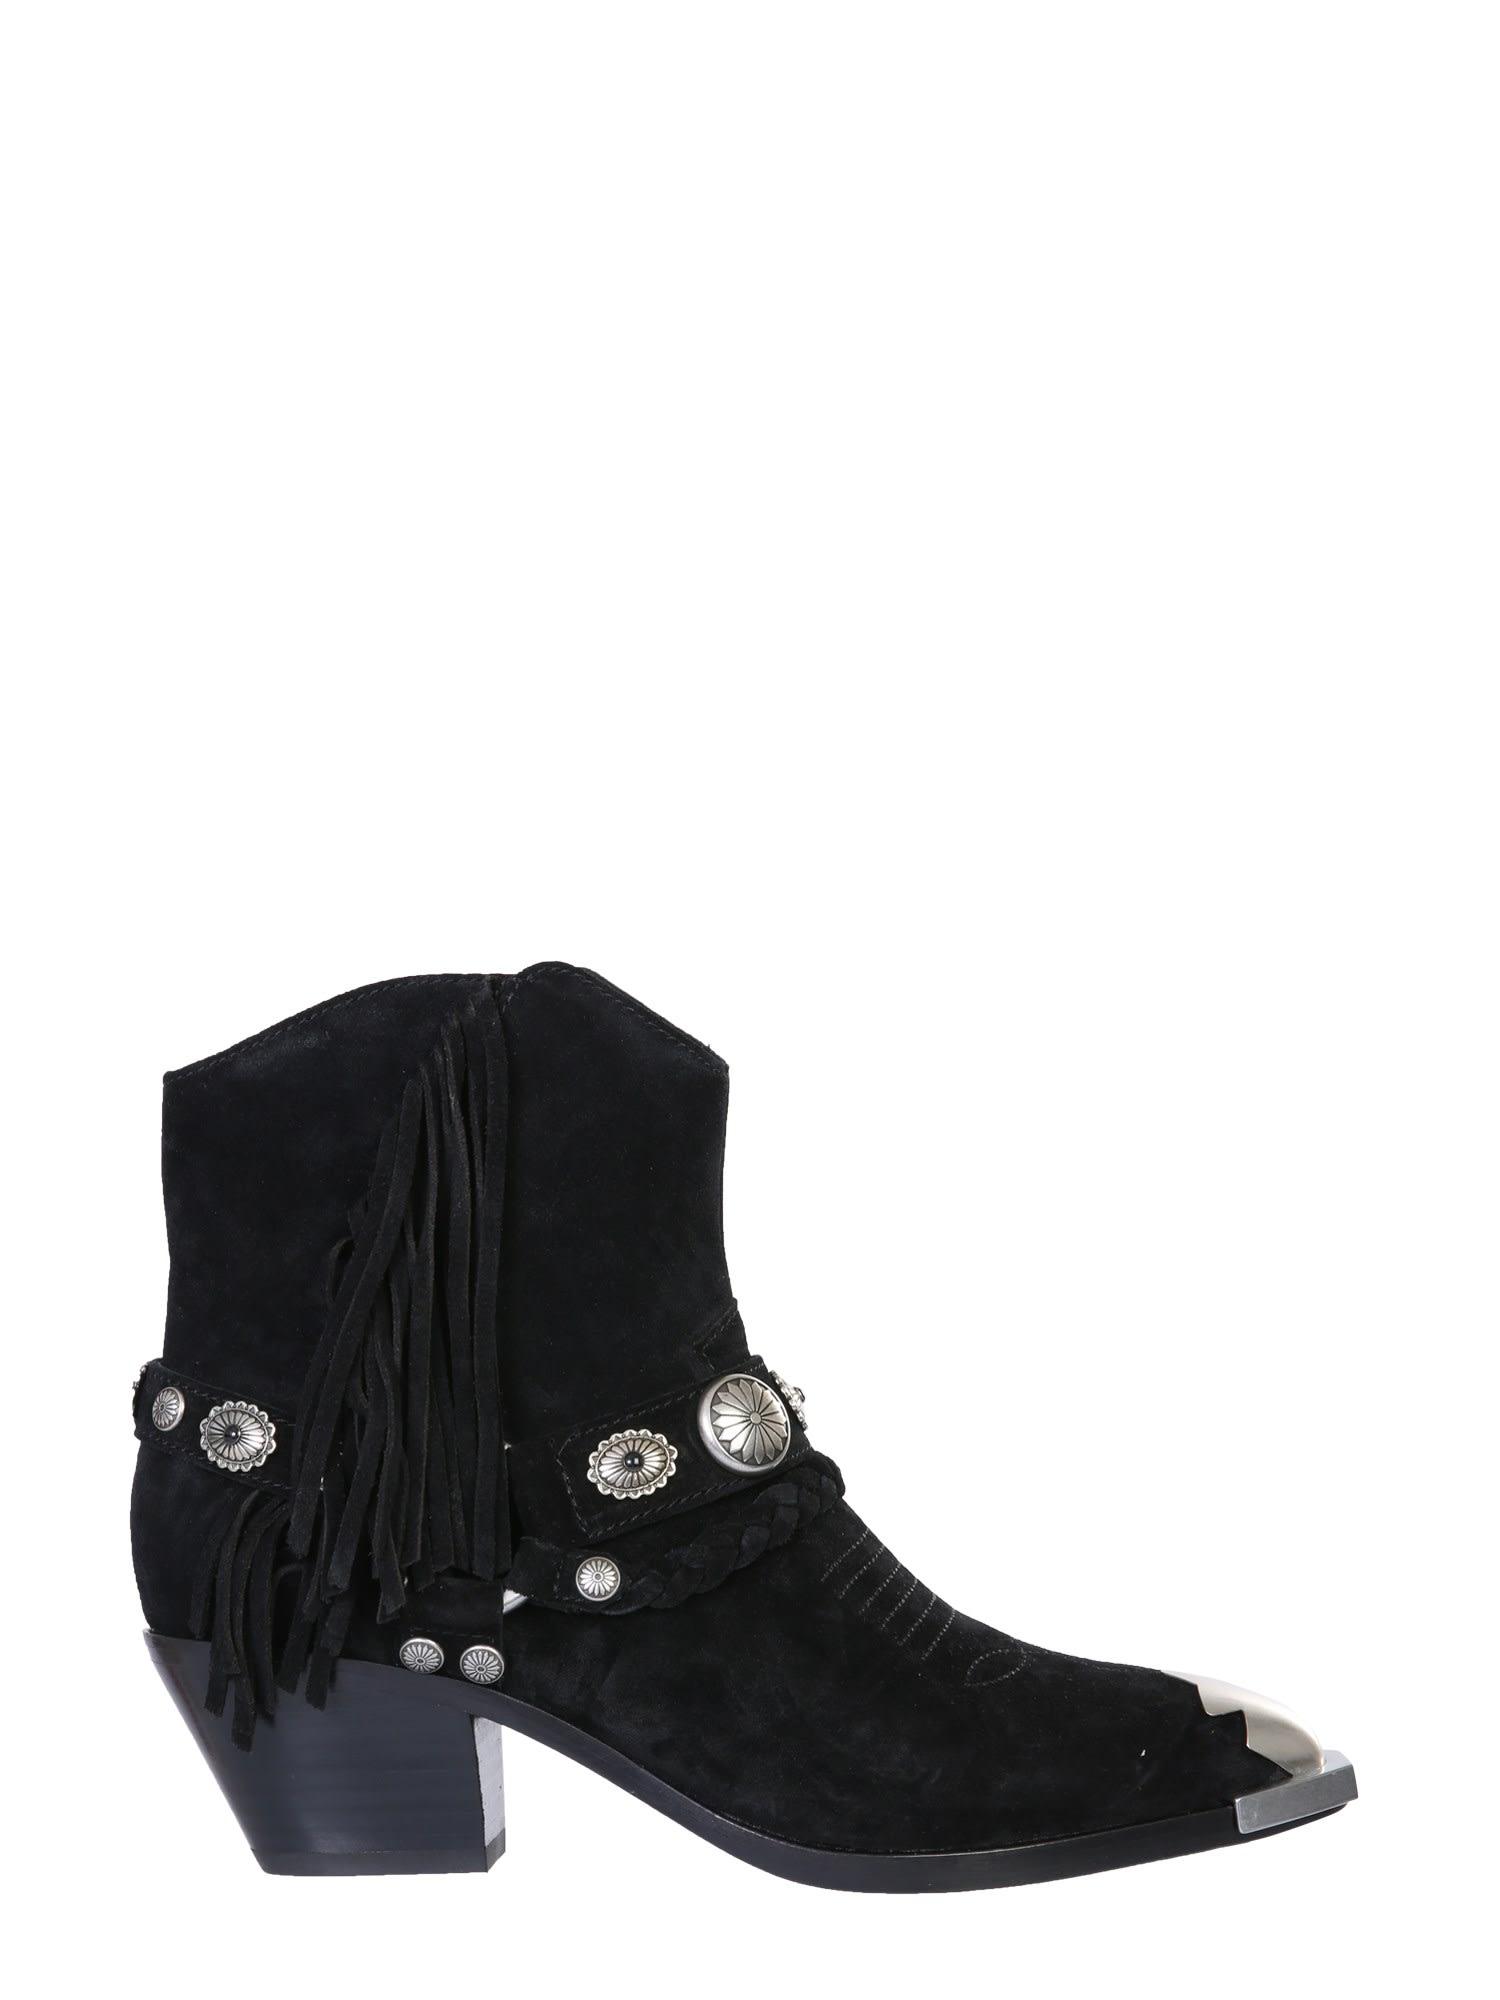 Ash Farrow Boots